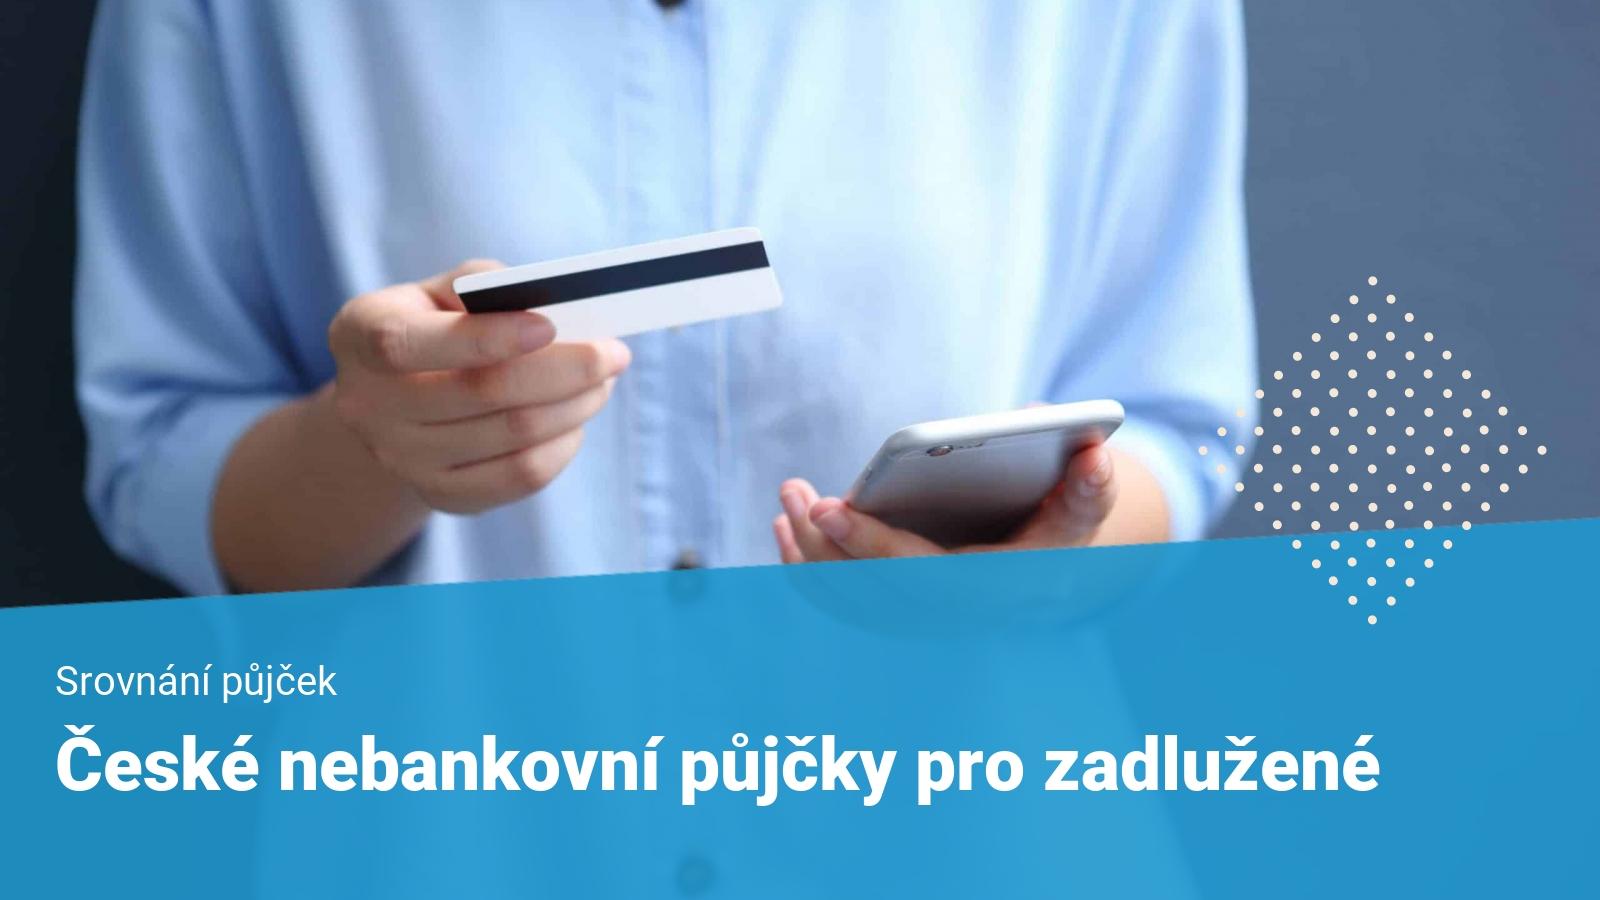 pujcka-pro-dluzniky